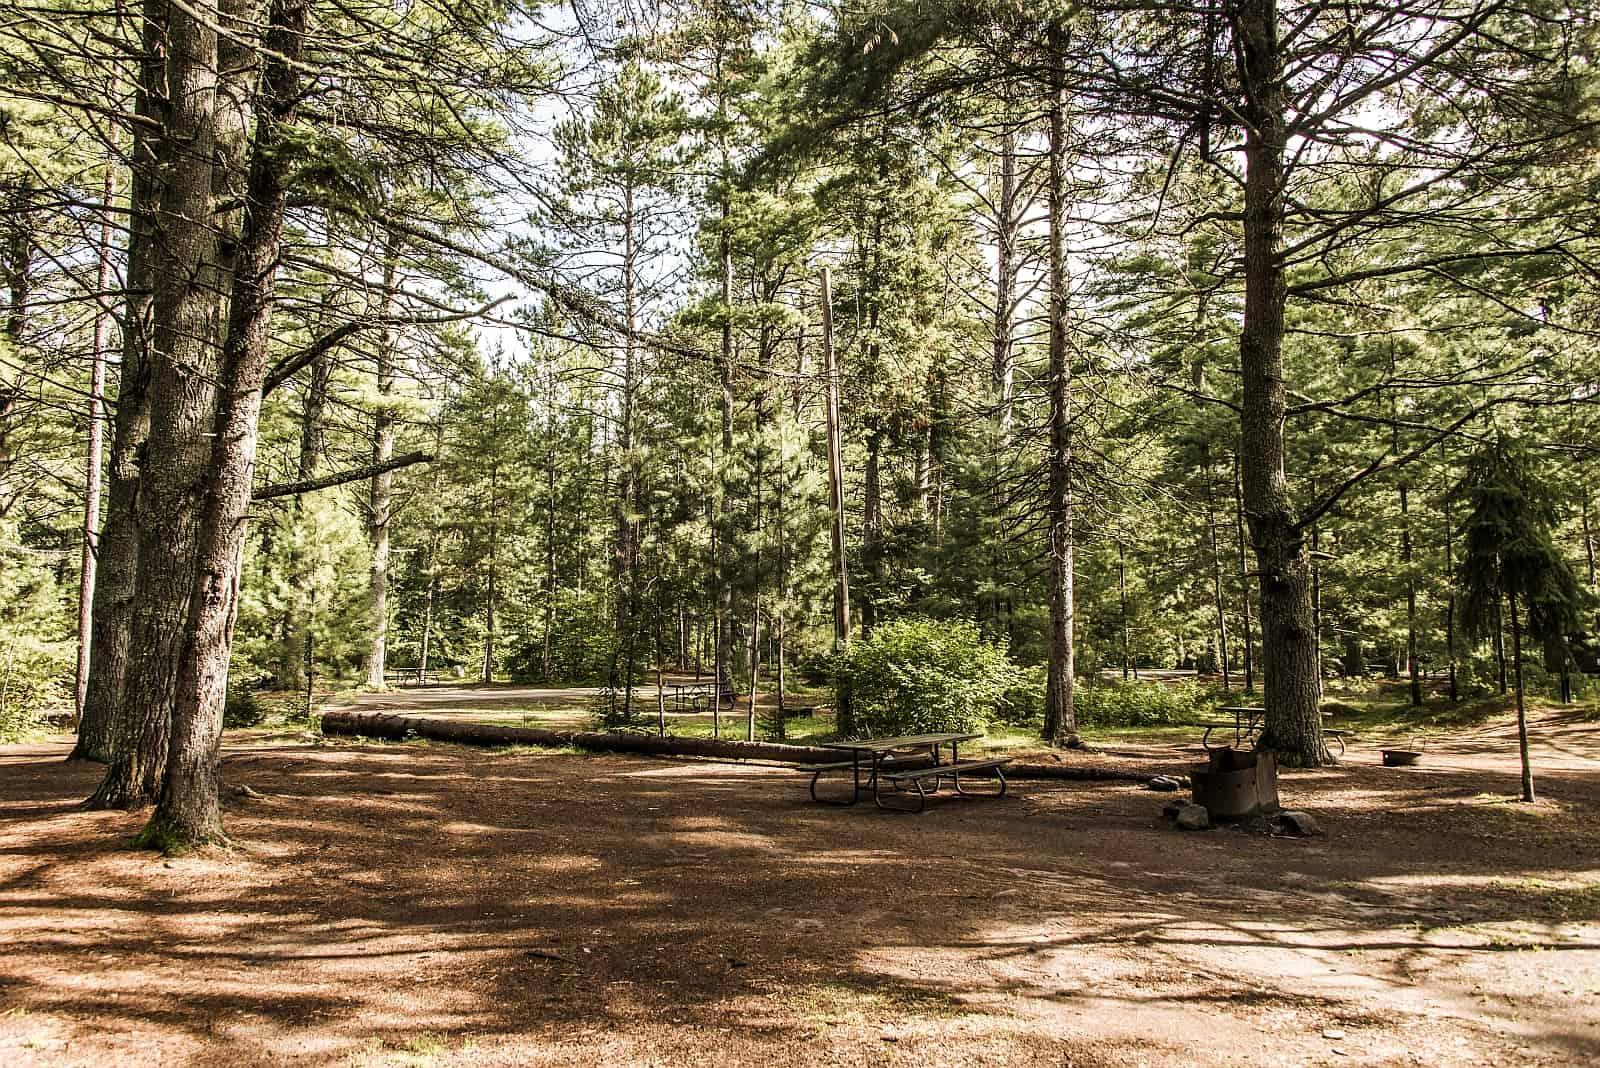 Ein typischer, weitläufiger Campground in einem Provincial Park mit Sitzgelegenheit und Feuerstelle.